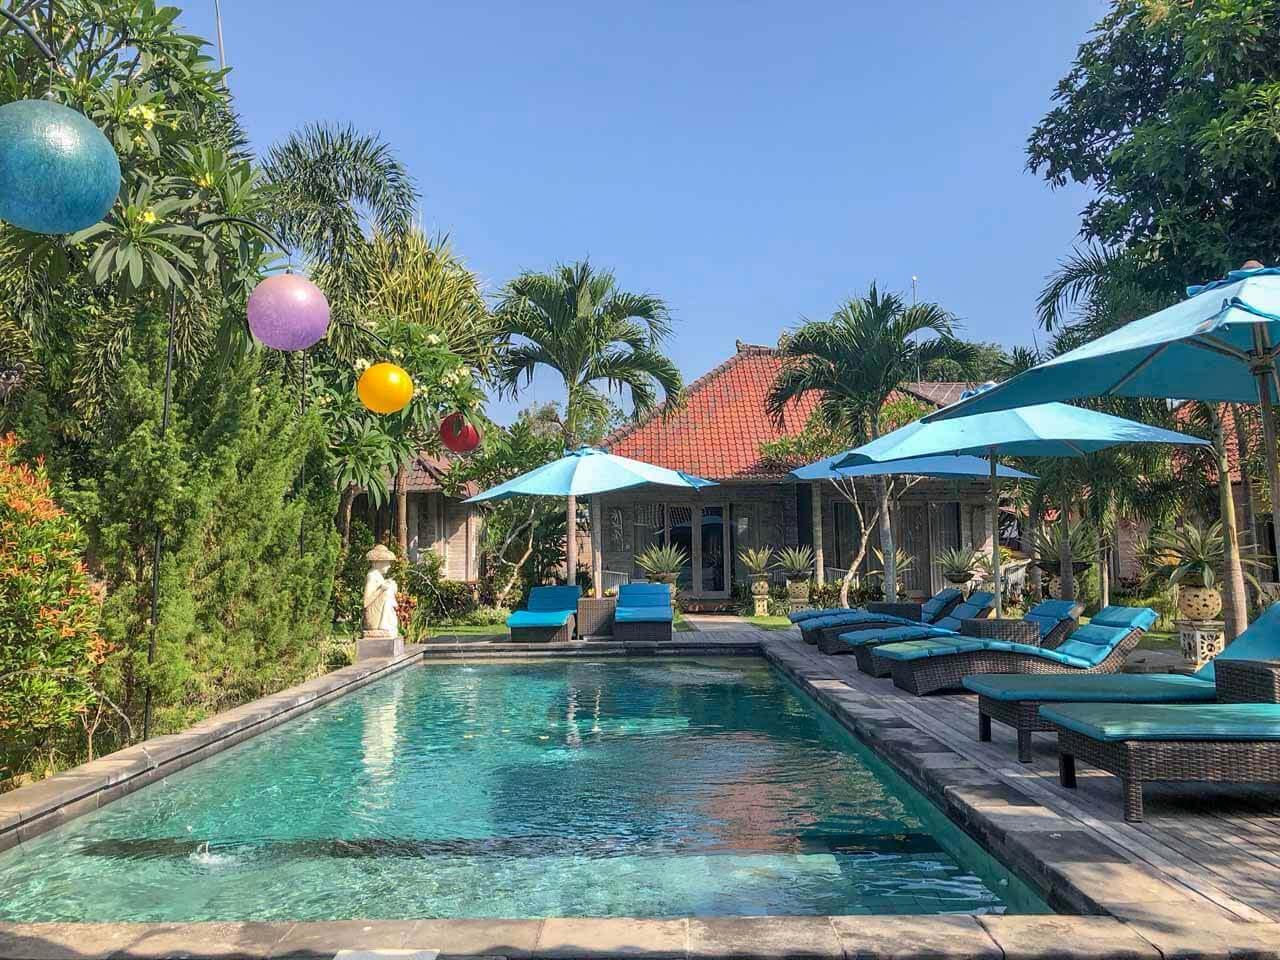 Piscina em frente ao quarto do The Palm Grove Villas